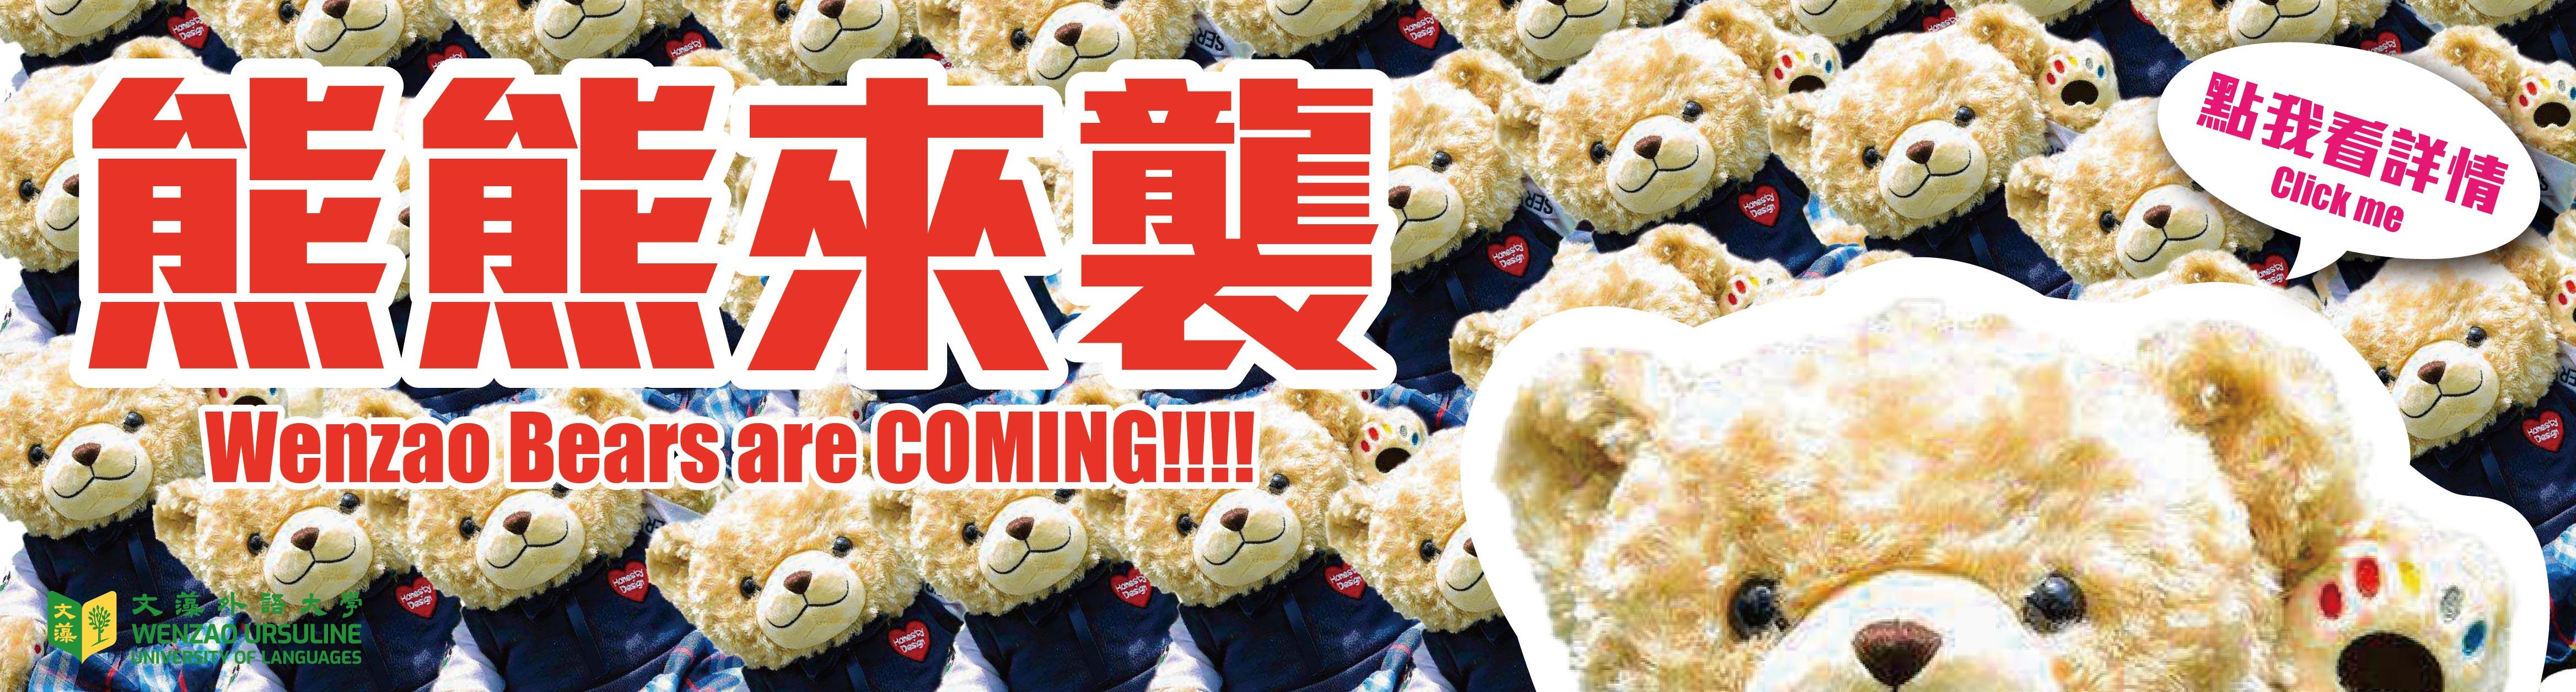 文藻熊熊banner(另開新視窗)